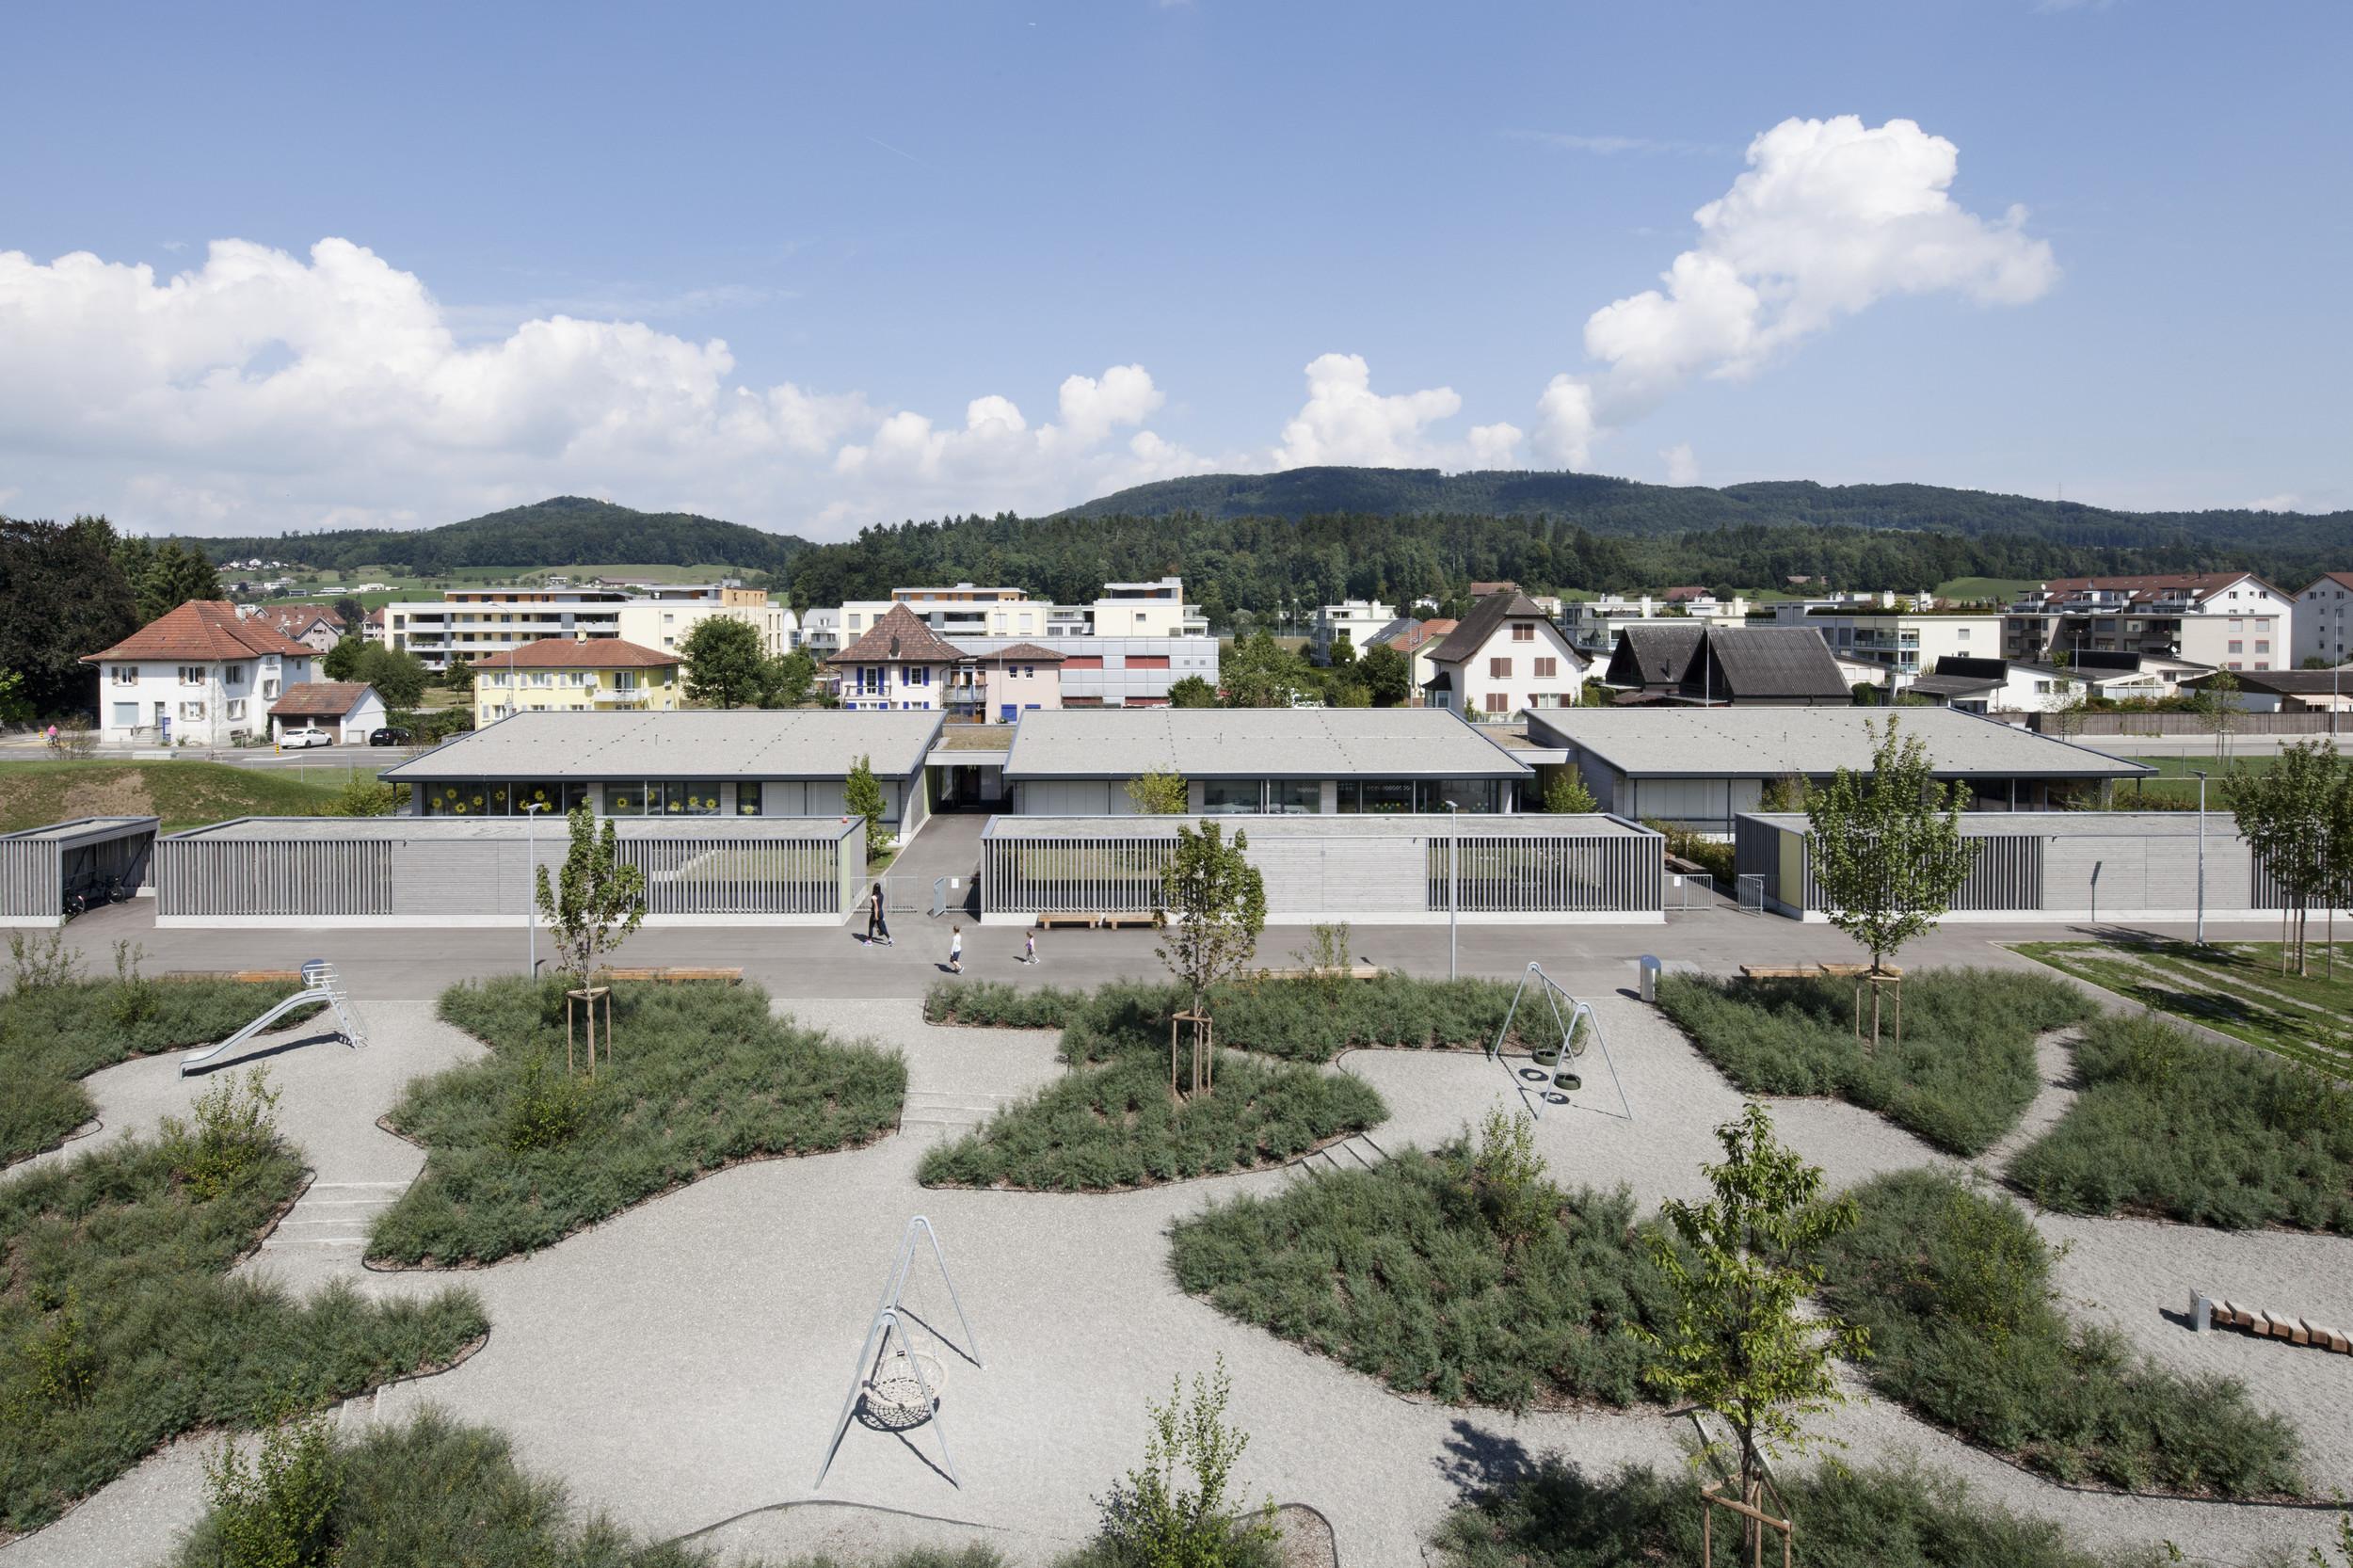 3 gleiche 1-geschossige Bildungsgebäude auf grossem Schulareal